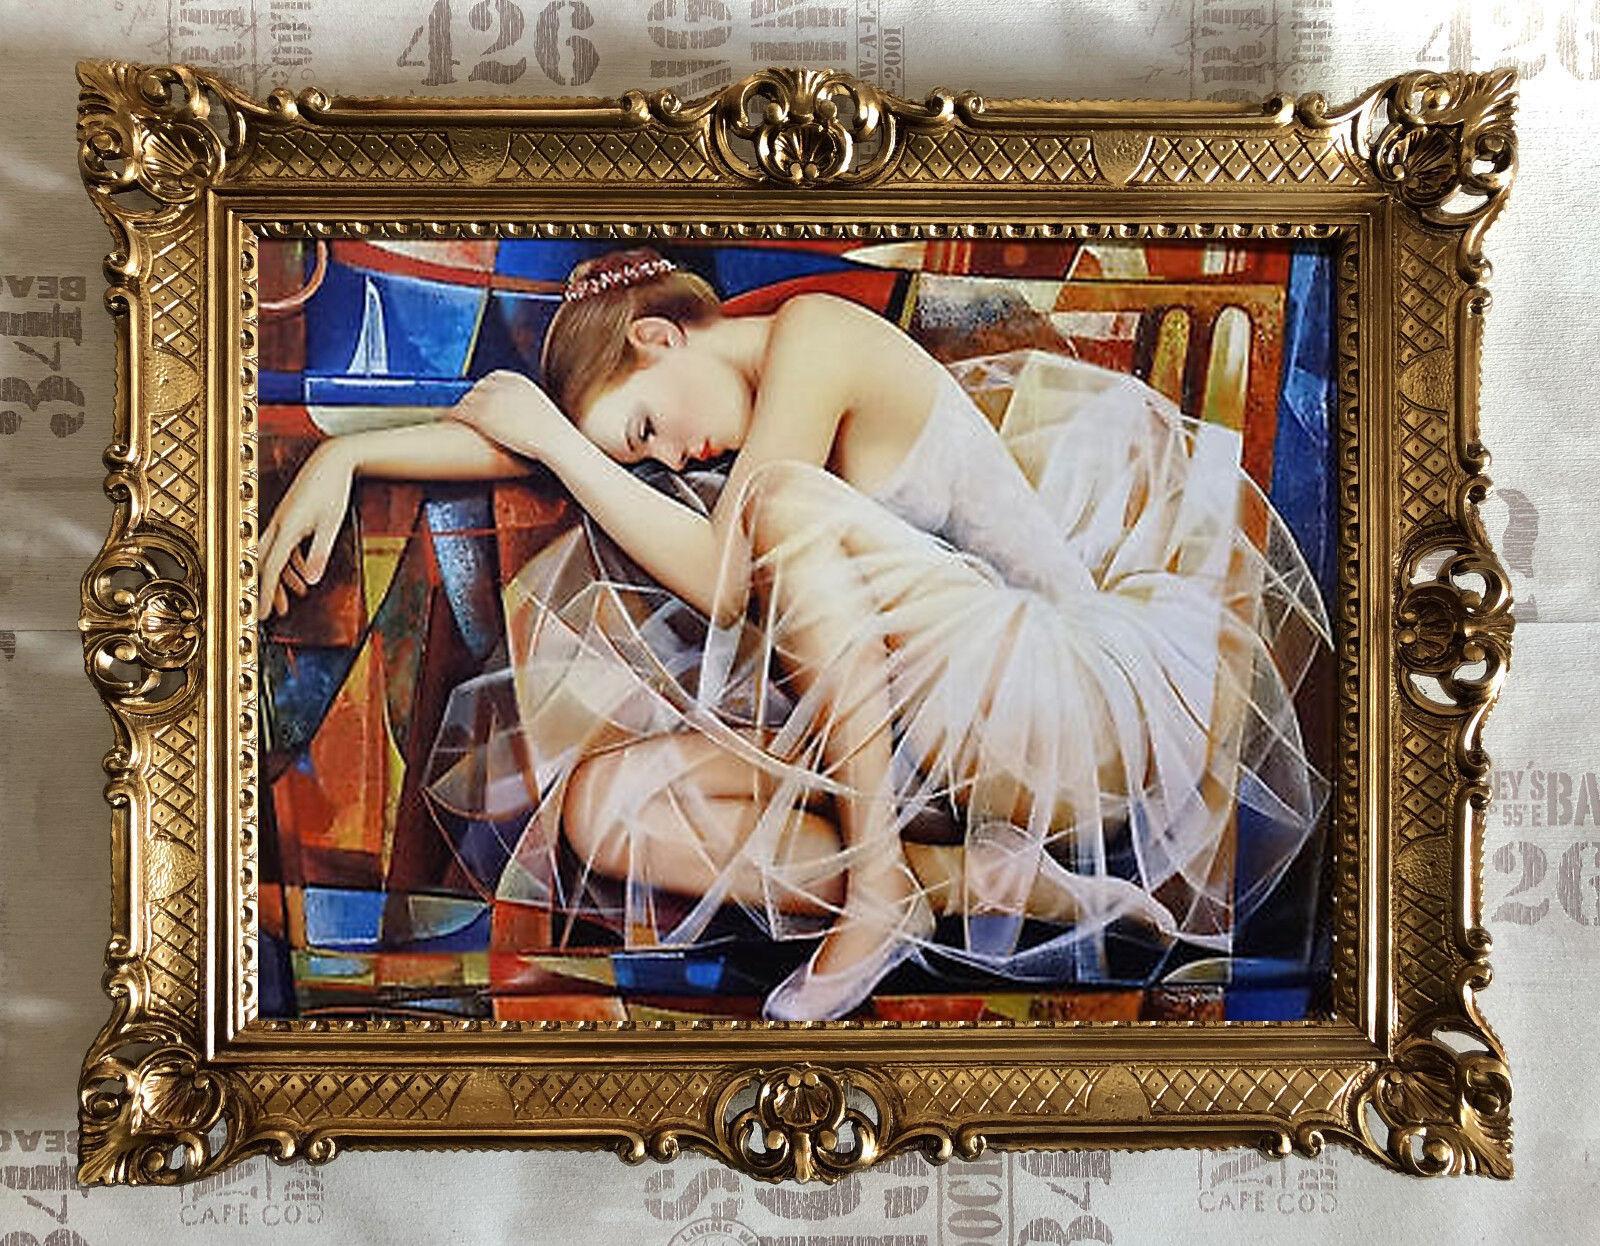 Ballerina Bild Bilder Repro produktion Modern & zeitgenössisch Ballerinas 70x90